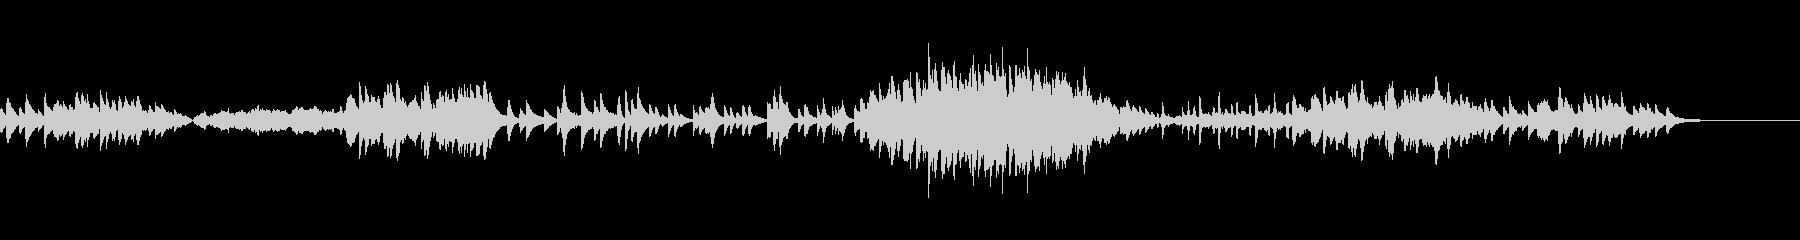 ピアノとストリングスが印象的なバラードの未再生の波形